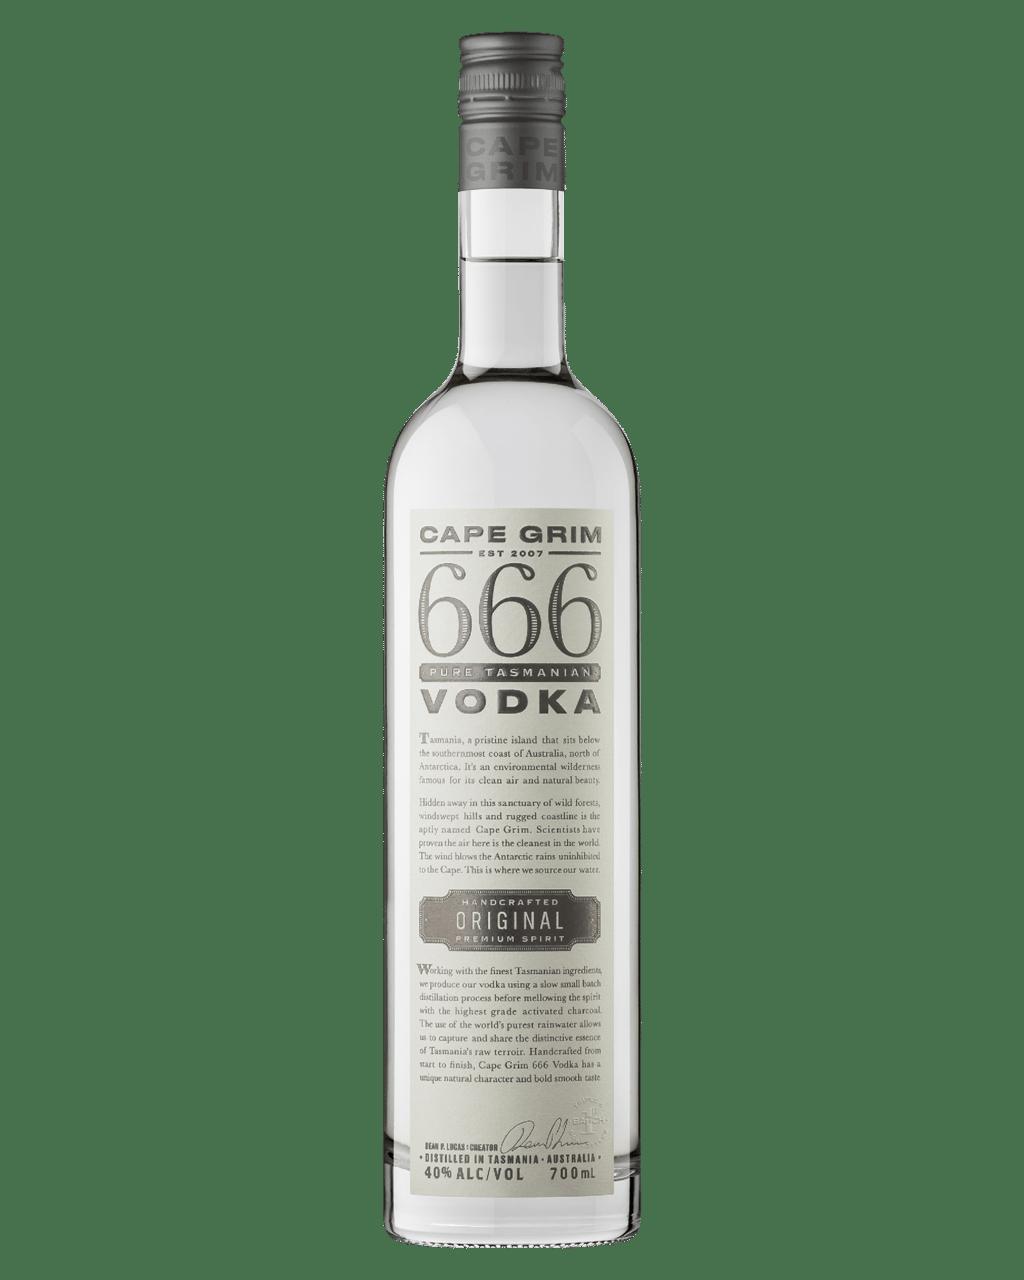 Buy Cape Grim 666 Original Vodka 700mL | Dan Murphy's